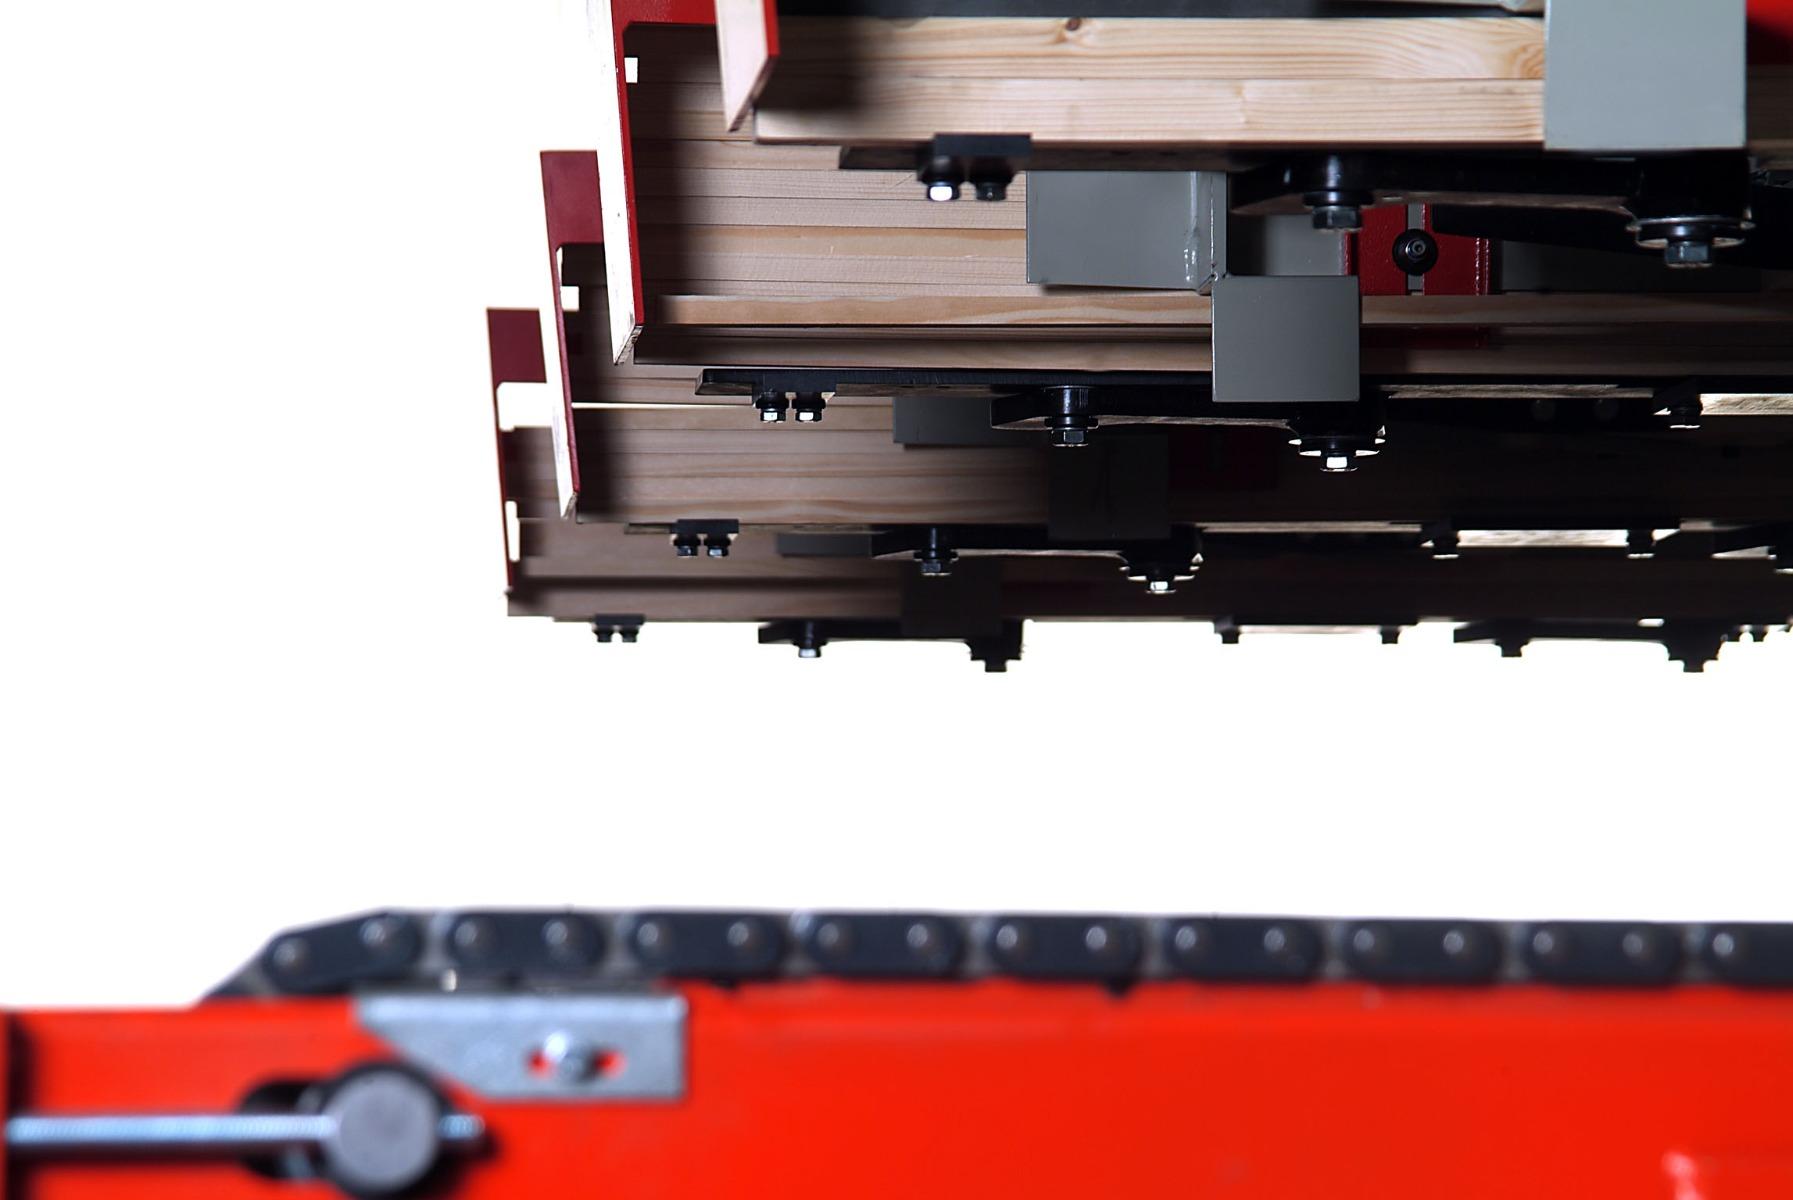 Weinig Highmech automatische invoer/uitvoer voor schaafmachine